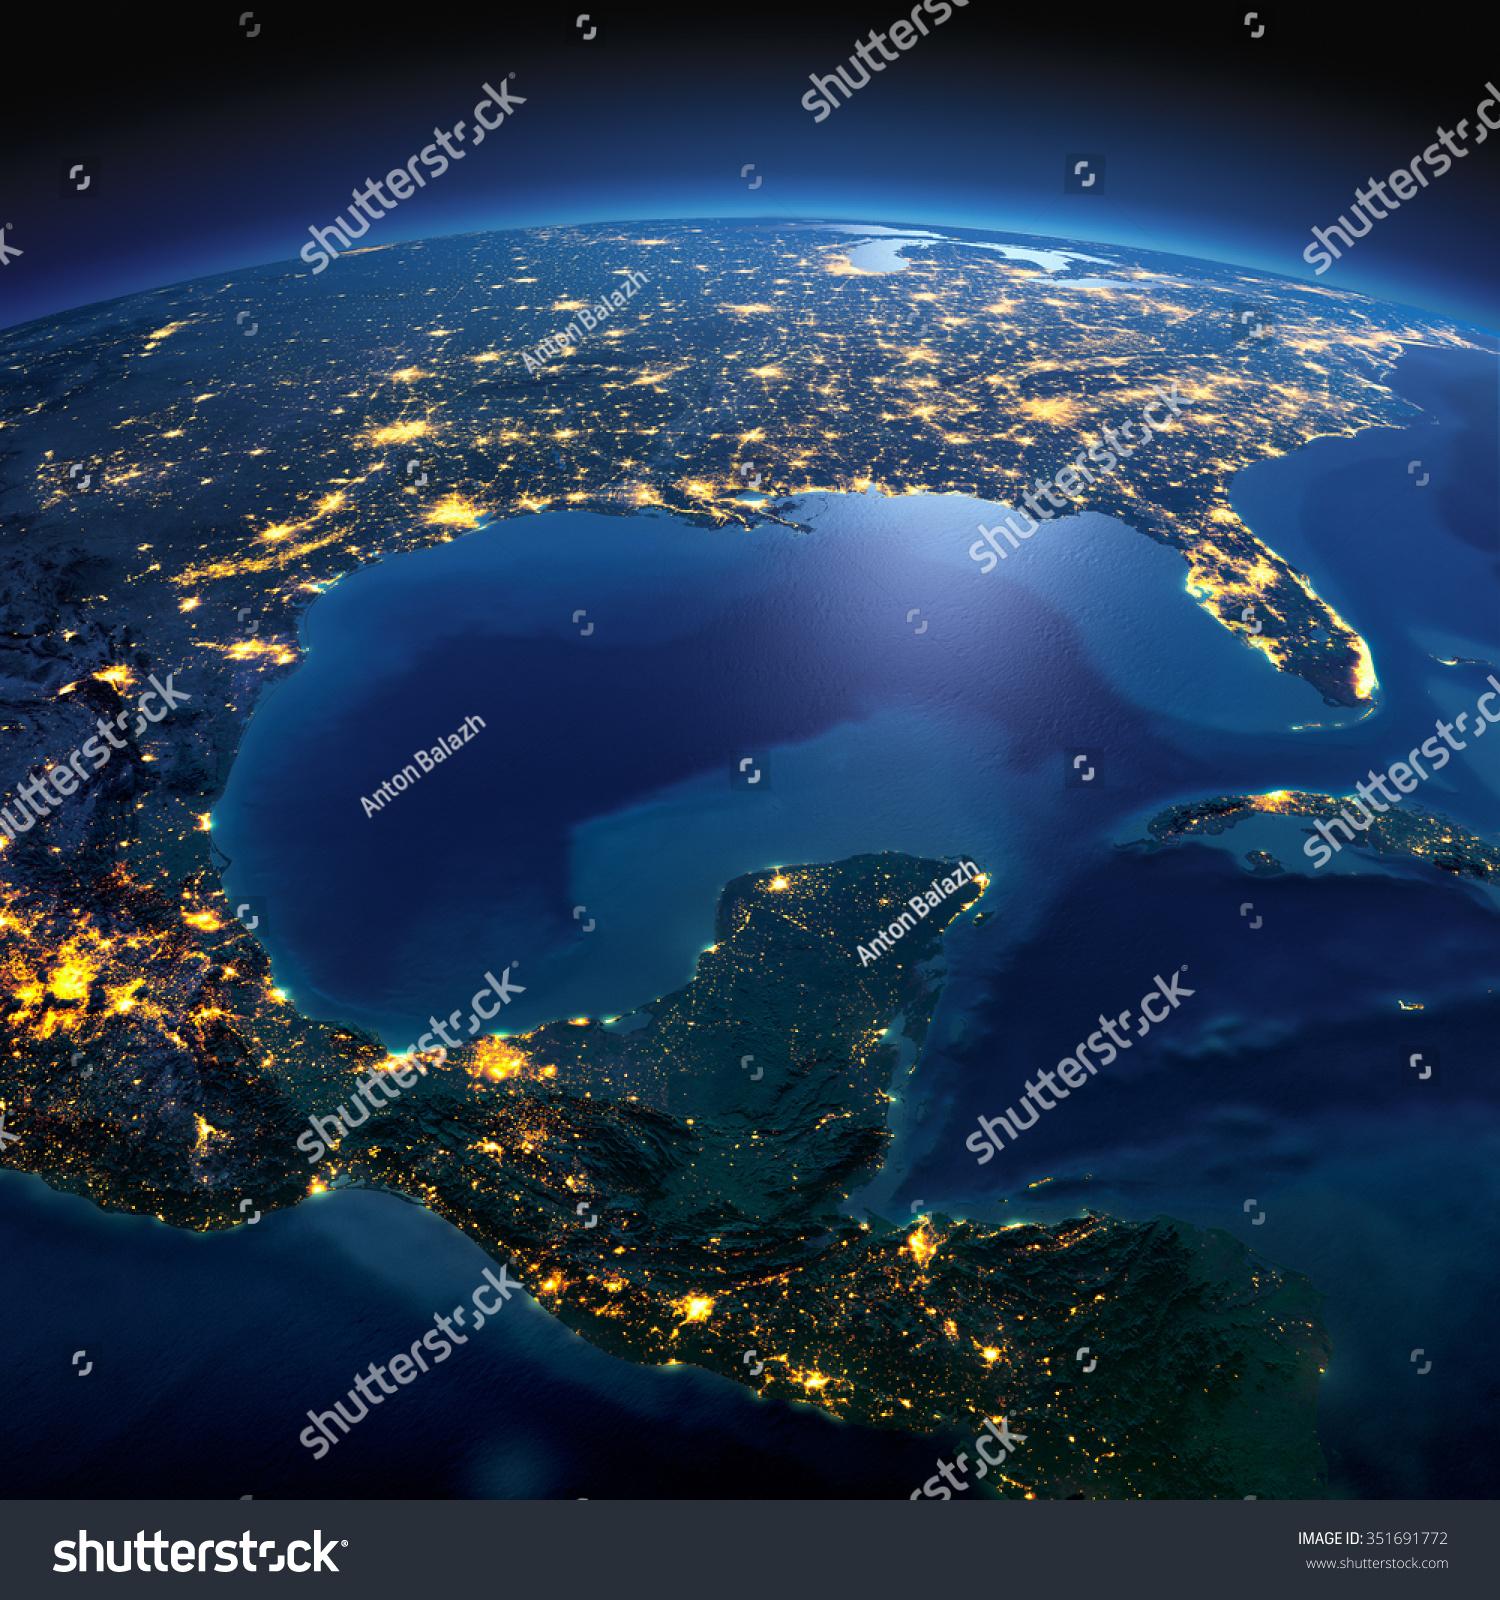 nasa night earth mexico - photo #31